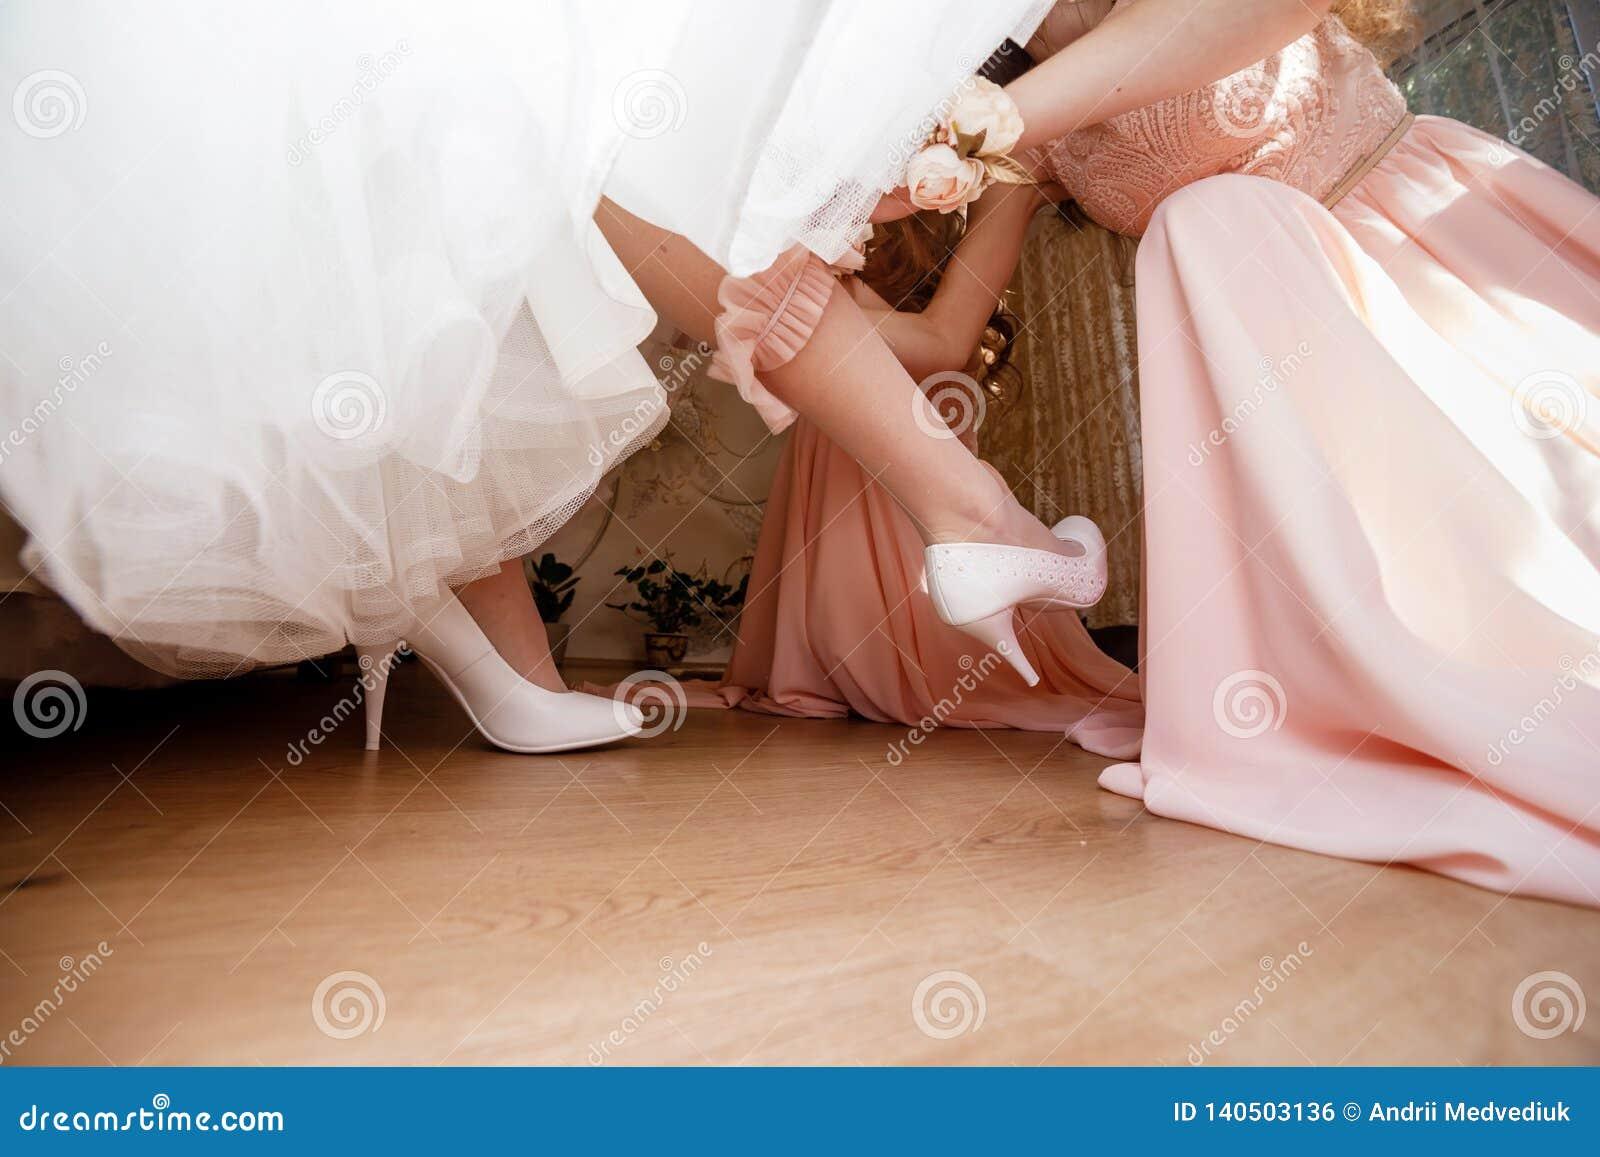 Bruidsmeisje die bruid voorbereiden op huwelijksdag het Bruidsmeisje helpt haar om vulling-juwelen op haar been te dragen